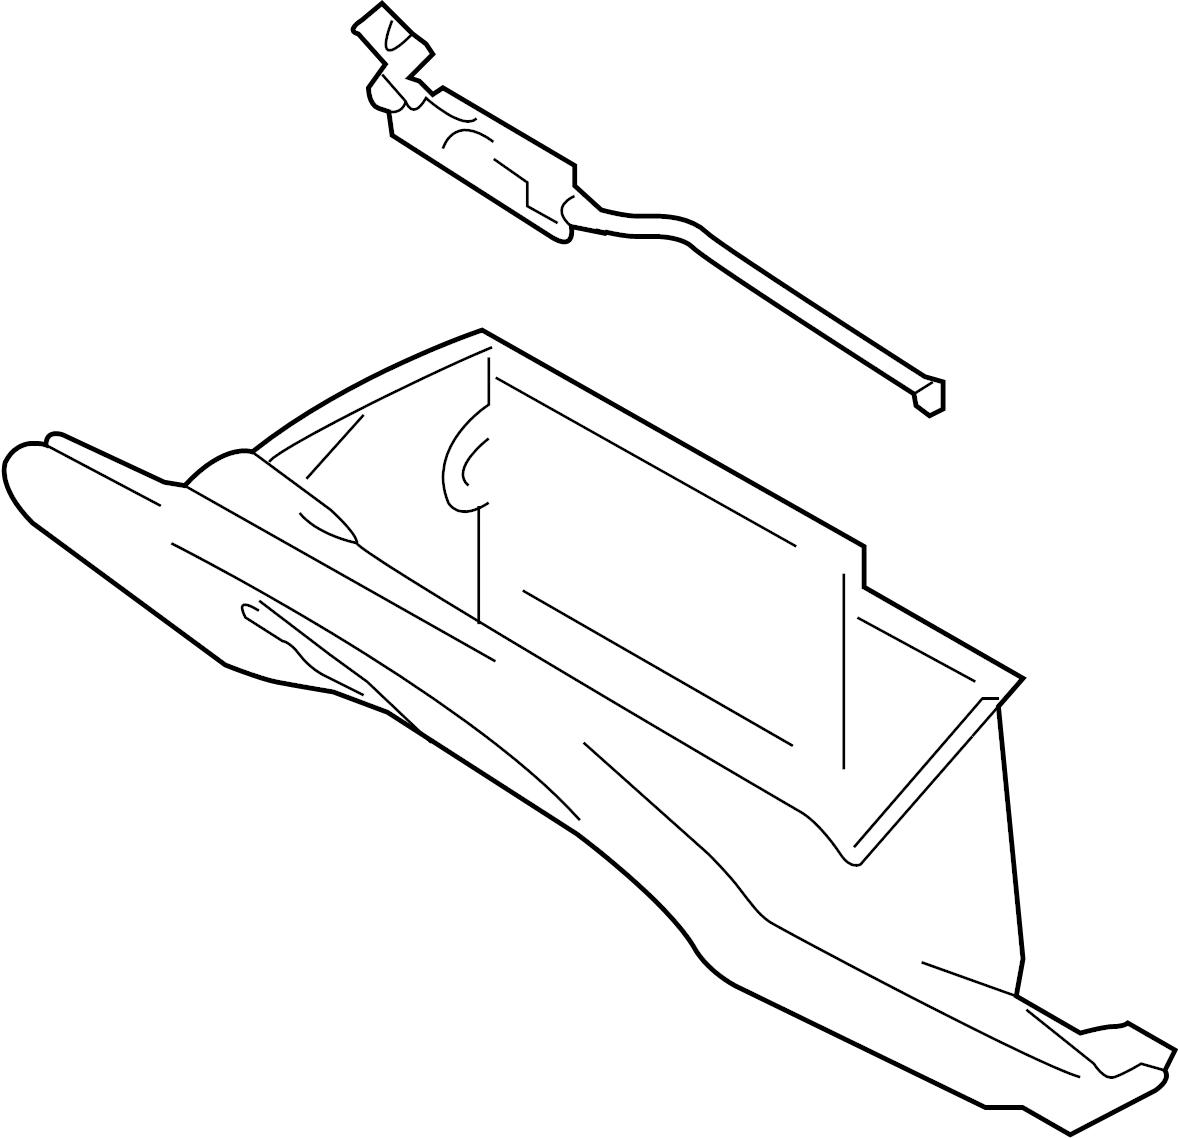 Infiniti G35 Glove Box Door Inst Pad Lid